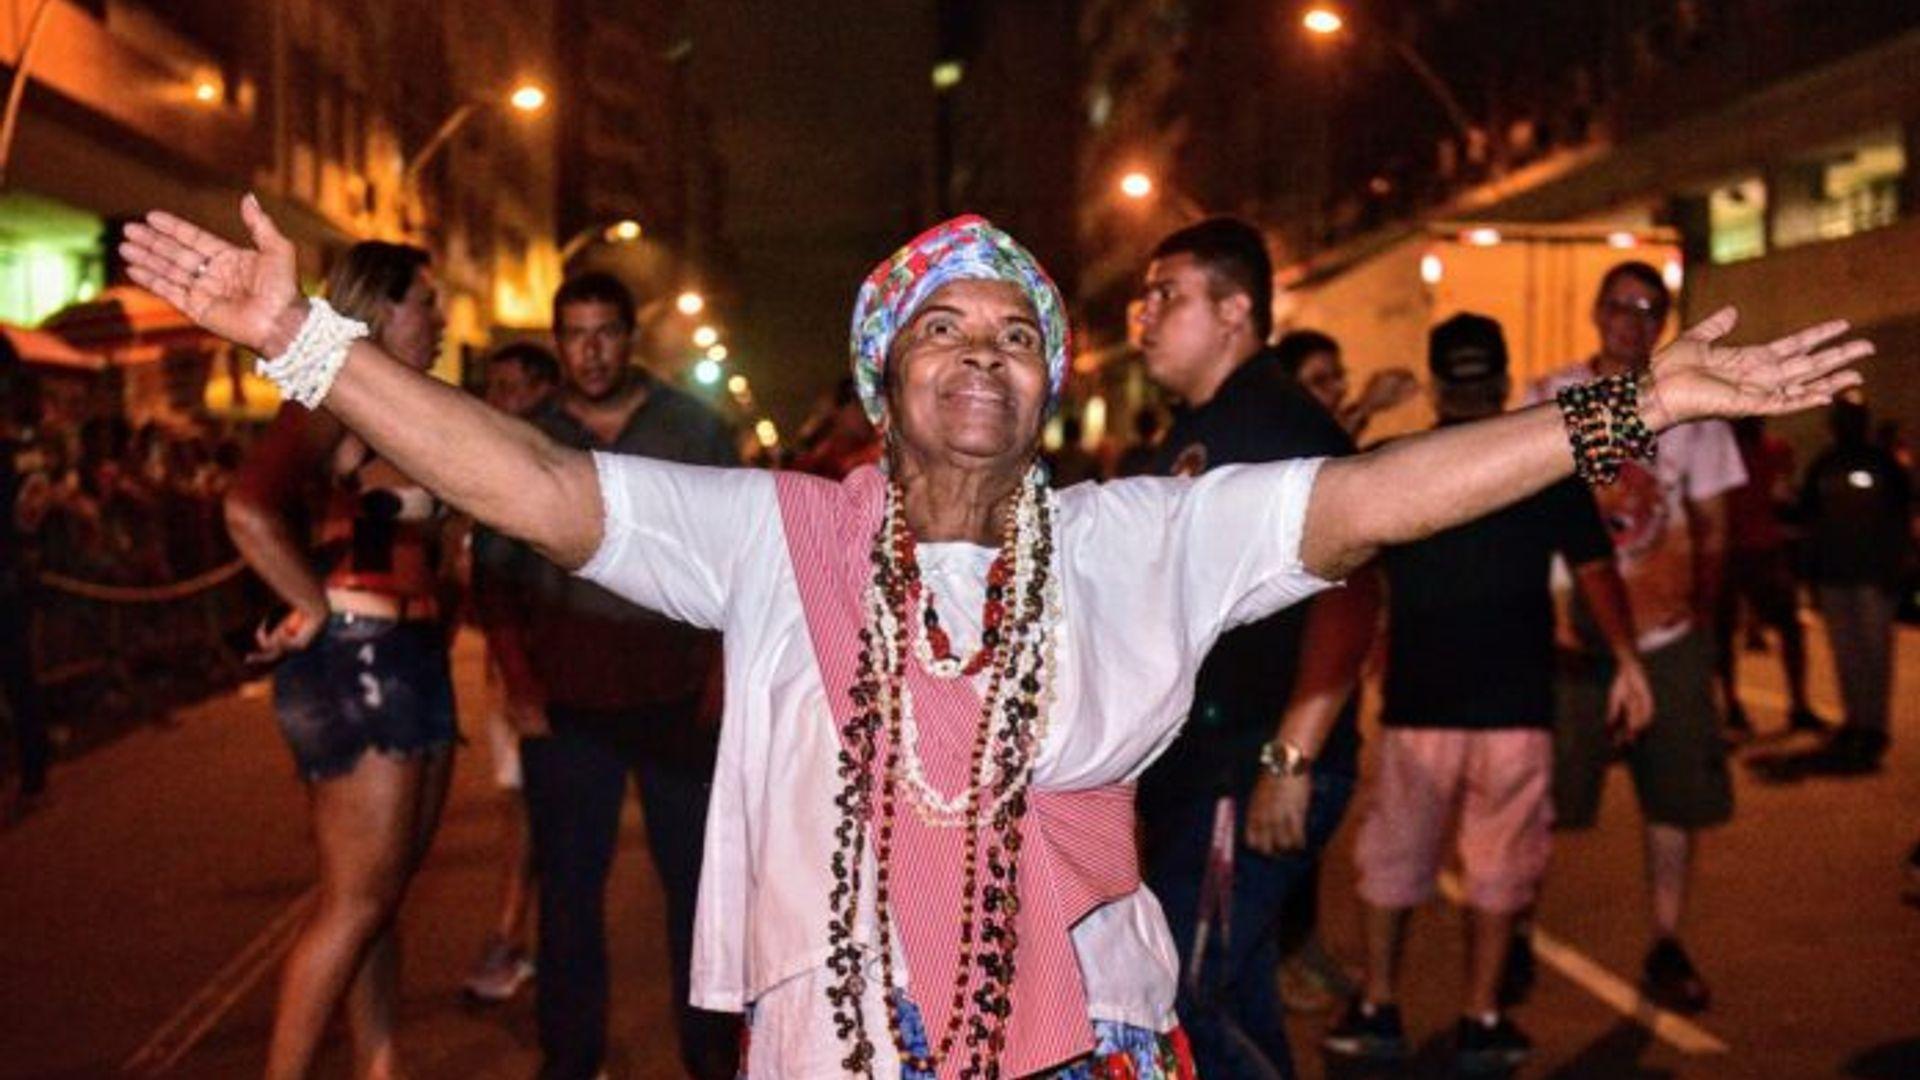 Maria de Xindó comemorando a homenagem pela escola de samba. Foto: Carlos Papacena